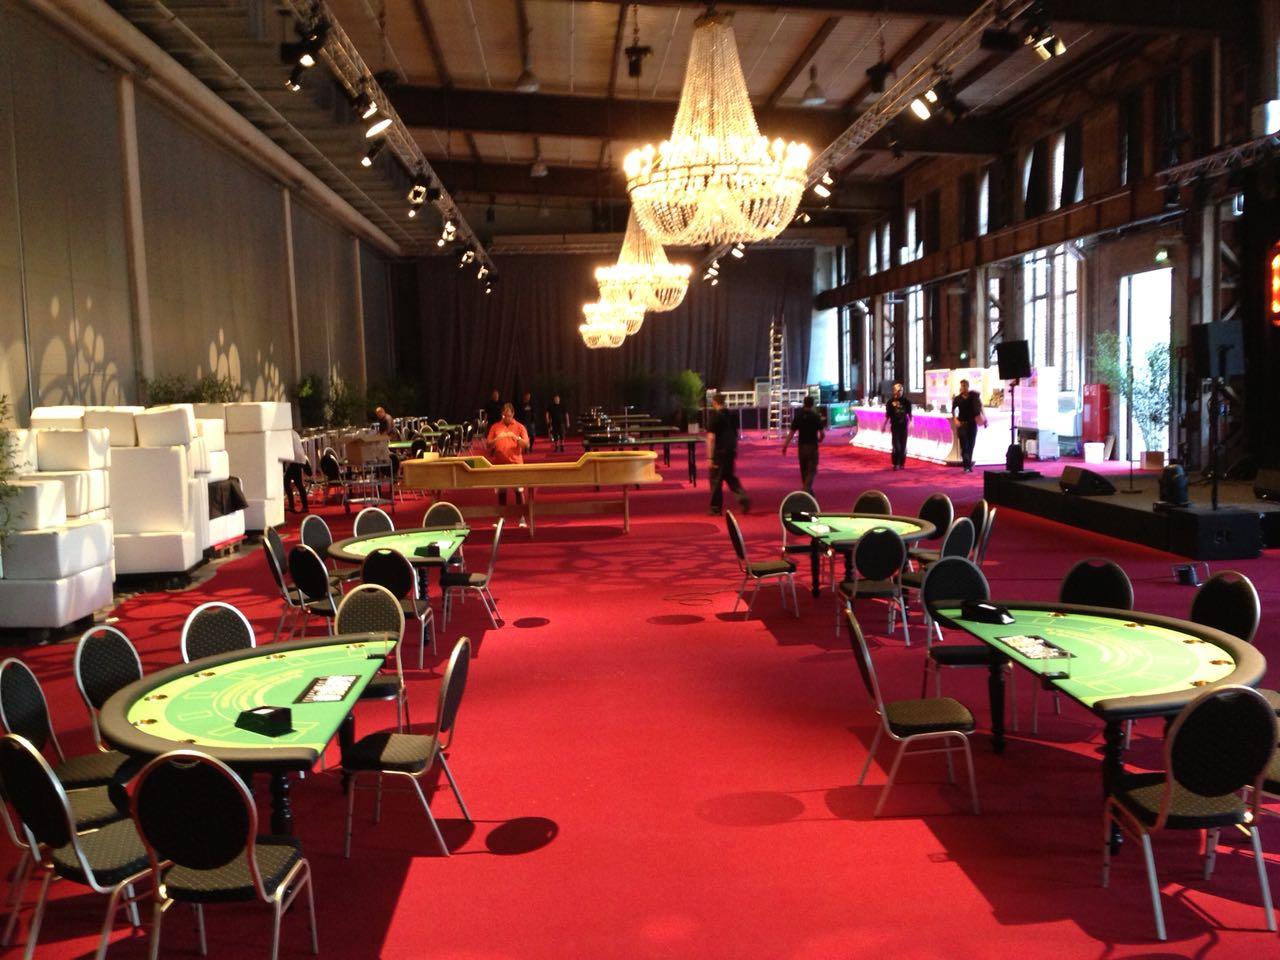 Planung: Casino mieten für geschäftliche und berufliche Veranstaltungen